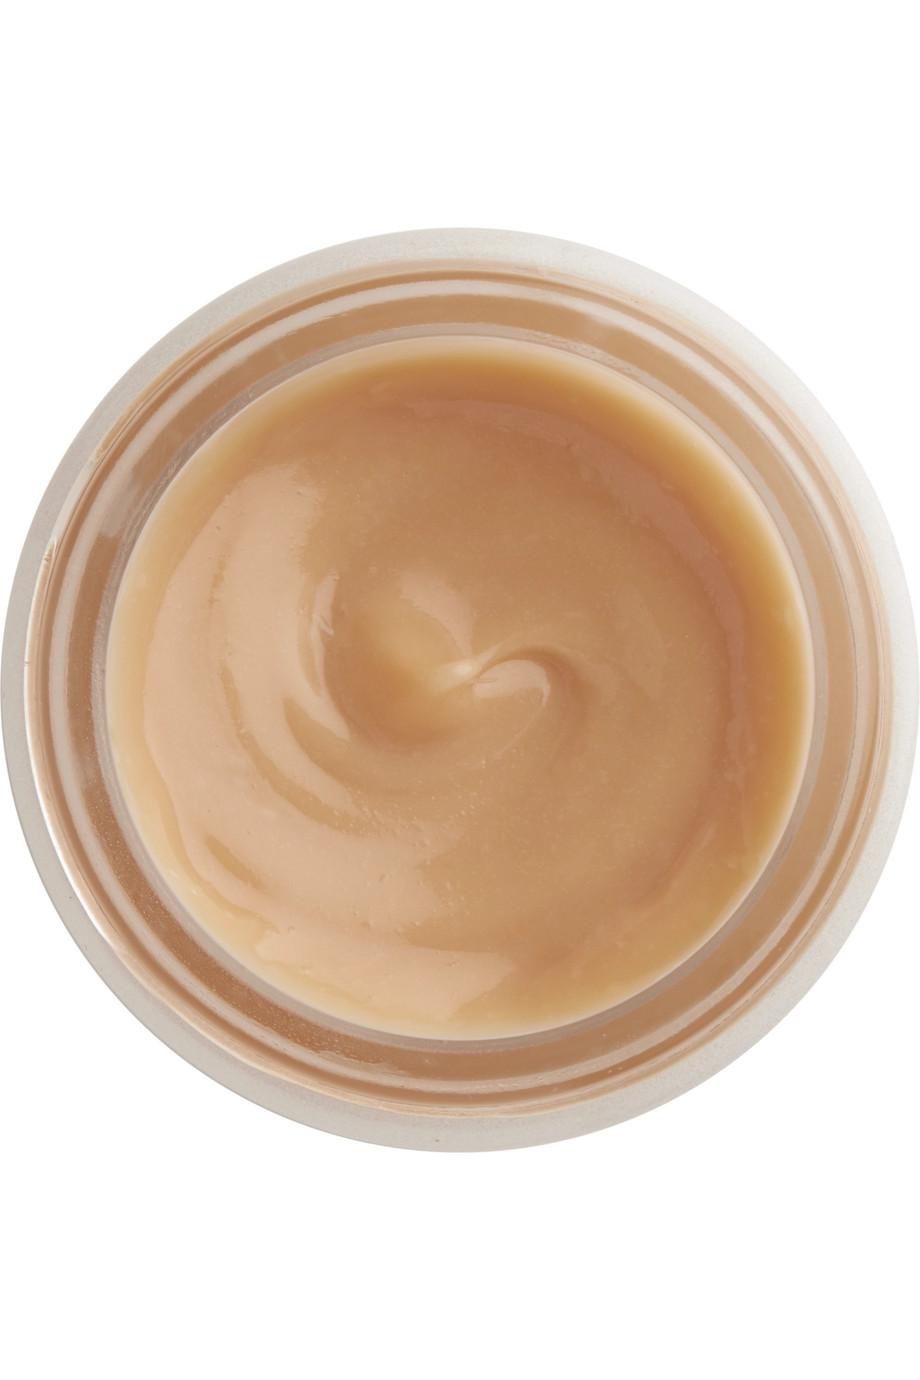 Kat Burki Bio-Correcting Face Crème